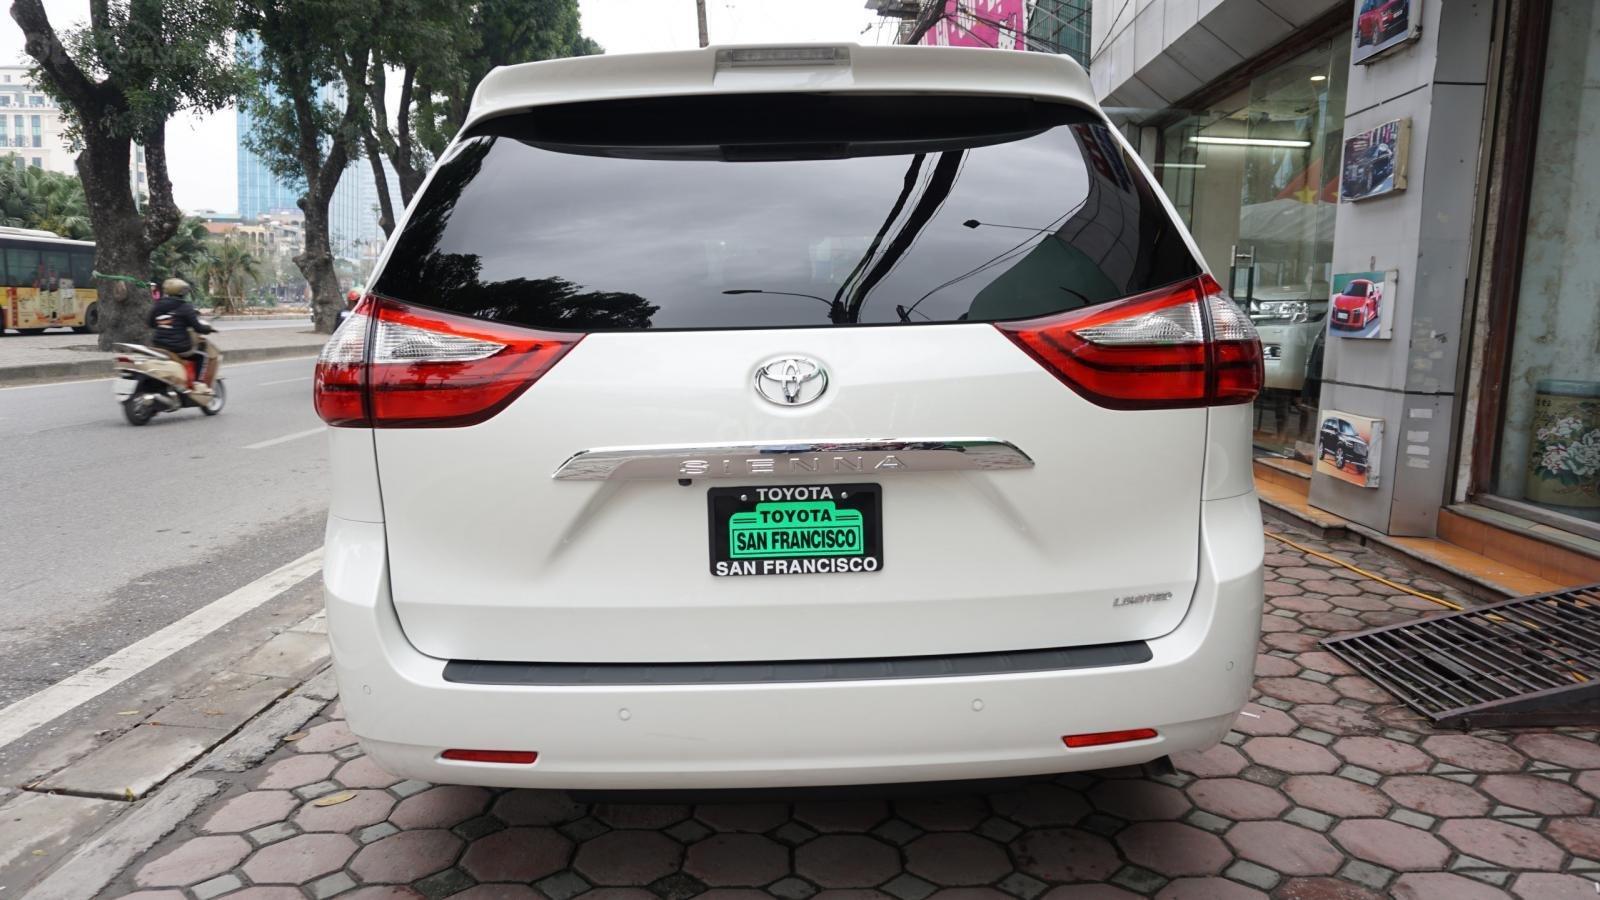 Bán Toyota Sienna Limited 1 cầu 2020 giao ngay, giá tốt nhất, LH 094.539.2468 Ms Hương (15)